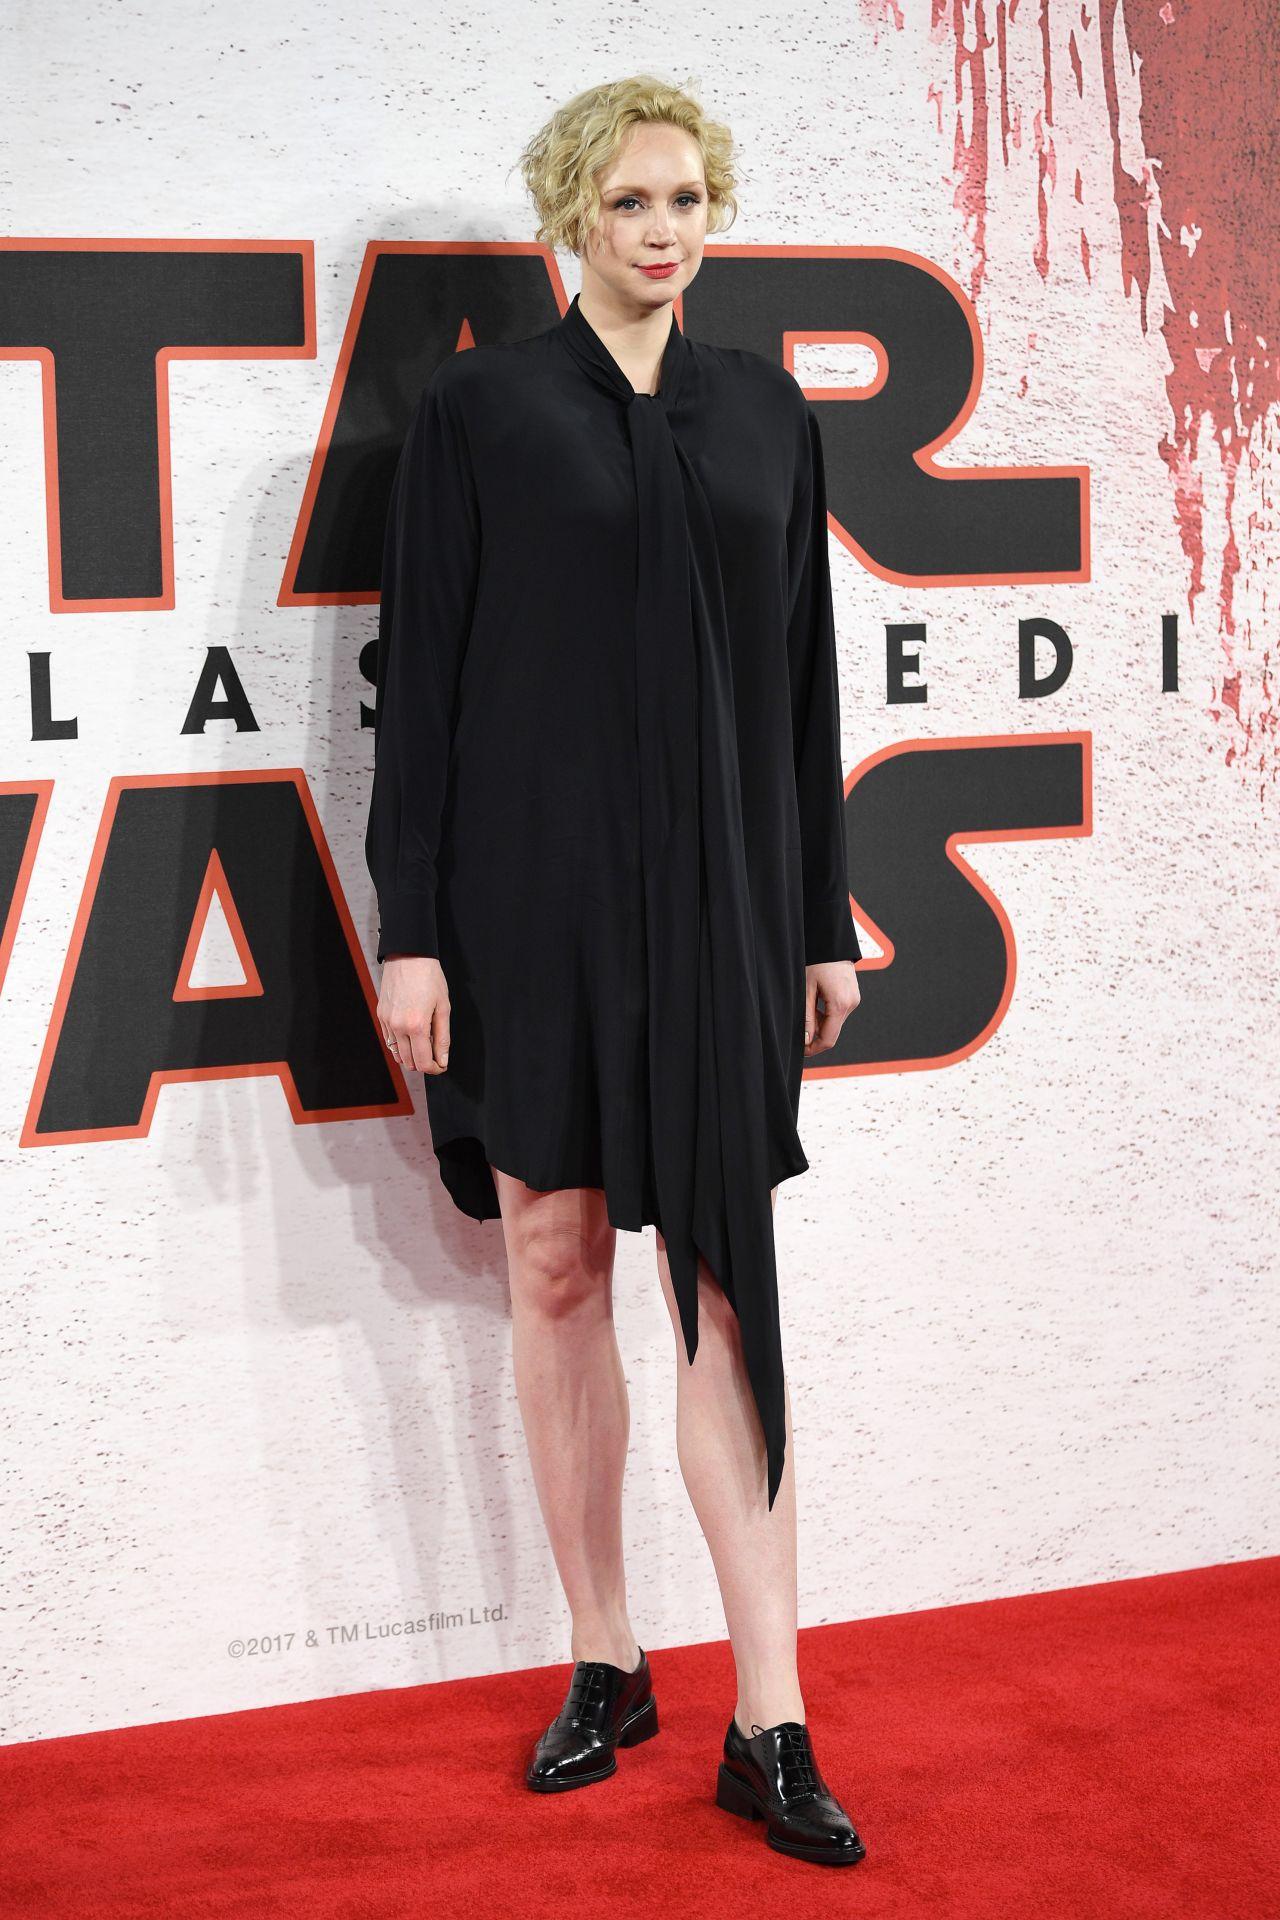 Gwendoline Christie Star Wars The Last Jedi Film